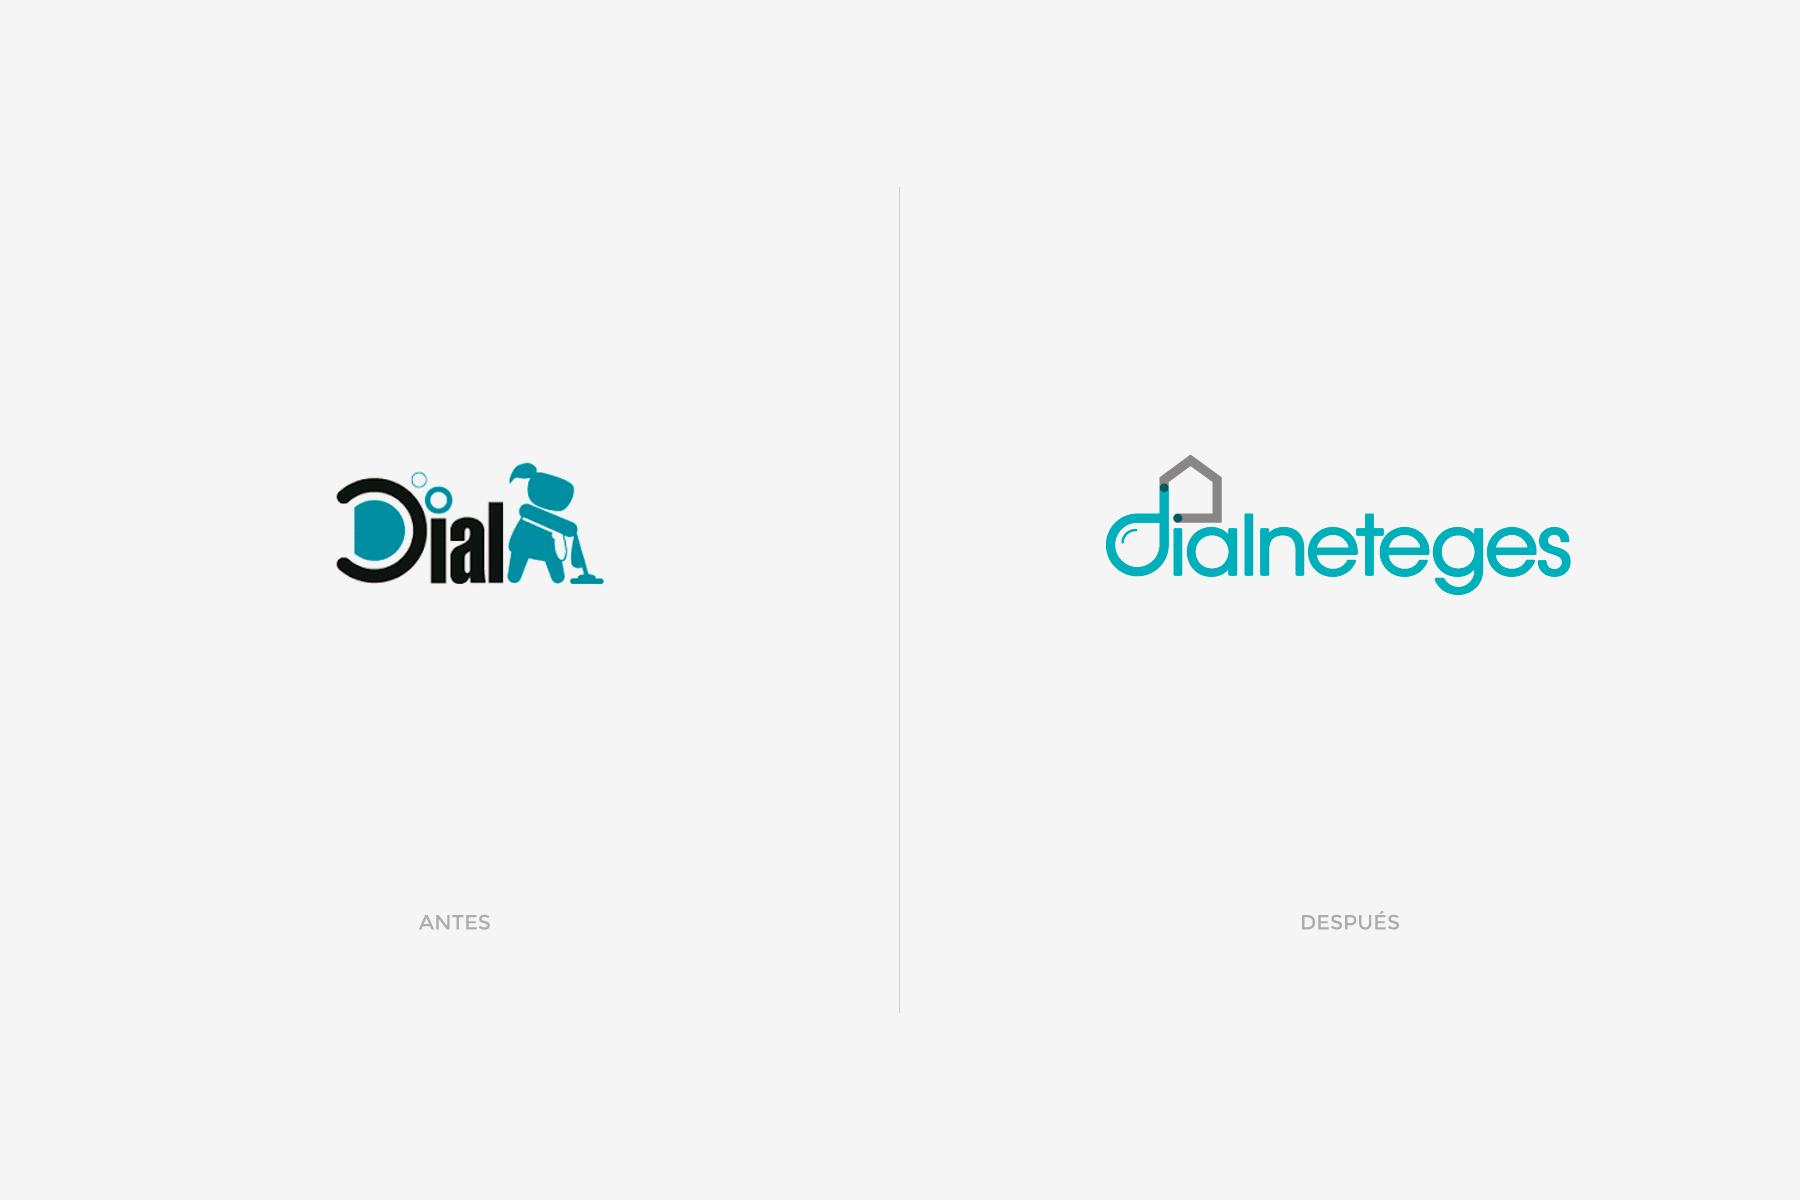 dial-neteges-logo